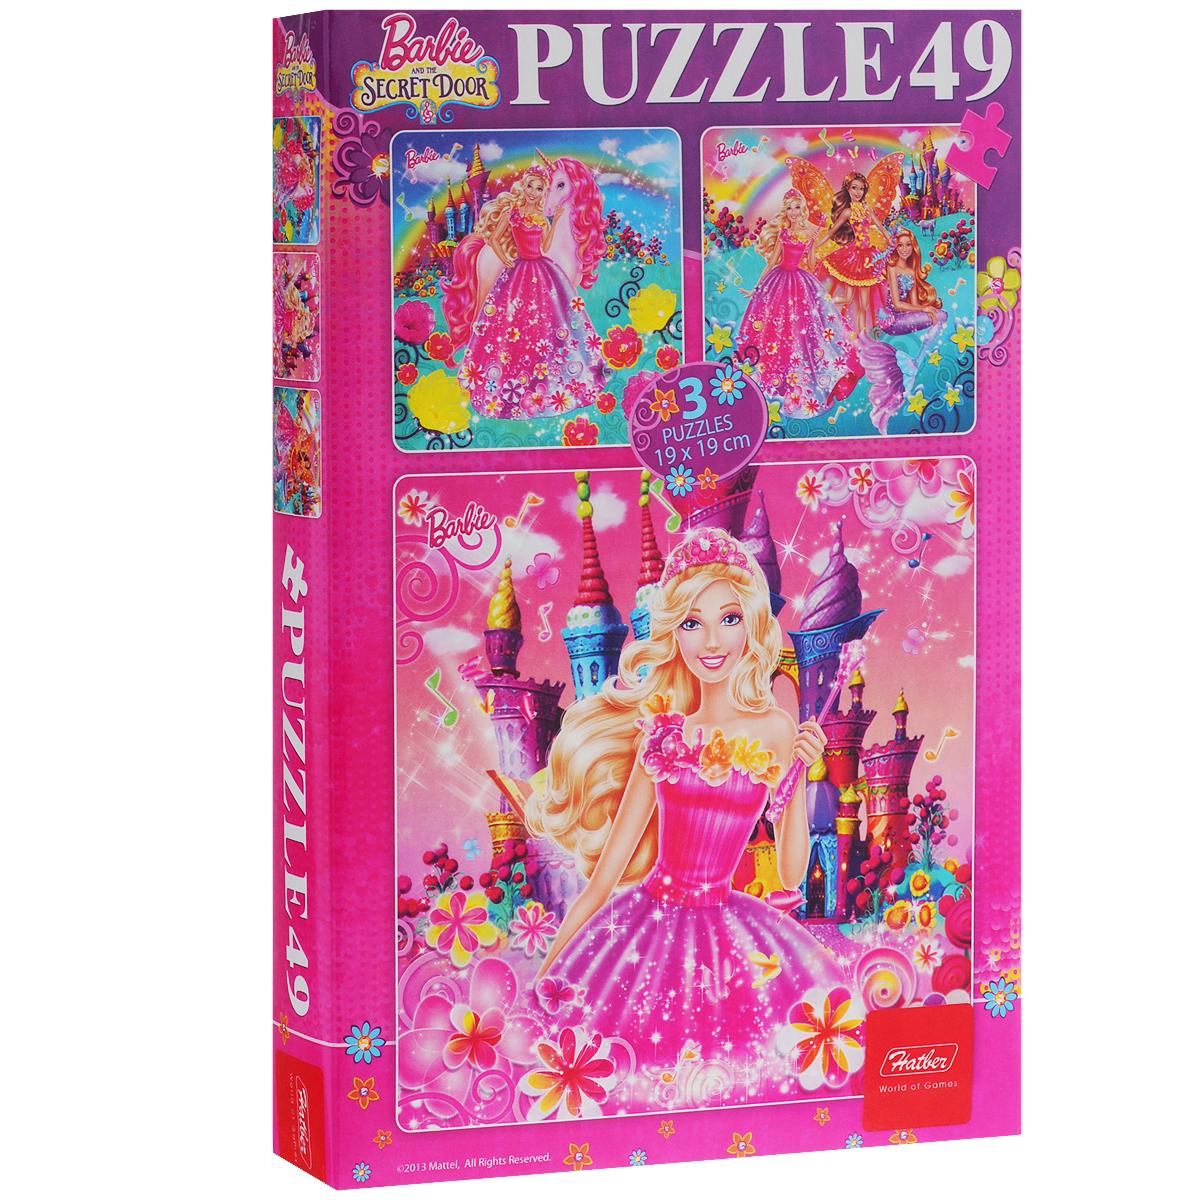 Barbie. Пазл, 3х49 элементов49ПЗ5_12858Пазлы Barbie привлекут внимание вашего ребенка и поднимут настроение жизнерадостными образами. Комплект включает 147 элементов, с помощью которых ребенок сможет собрать три ярких картинки с изображениями персонажей мультфильма Barbie and the Secret Door (Барби и Тайная дверь). Пазлы - замечательная игра для всей семьи. Сегодня собирание пазлов стало особенно популярным, главным образом, благодаря своей многообразной тематике, способной удовлетворить самый взыскательный вкус. Собирание пазла развивает у детей мелкую моторику рук, тренирует наблюдательность, логическое и образное мышление, знакомит с окружающим миром, с цветом и разнообразными формами, учит усидчивости и терпению, аккуратности и вниманию. Получившиеся яркие картинки станут отличными украшениями детской комнаты.